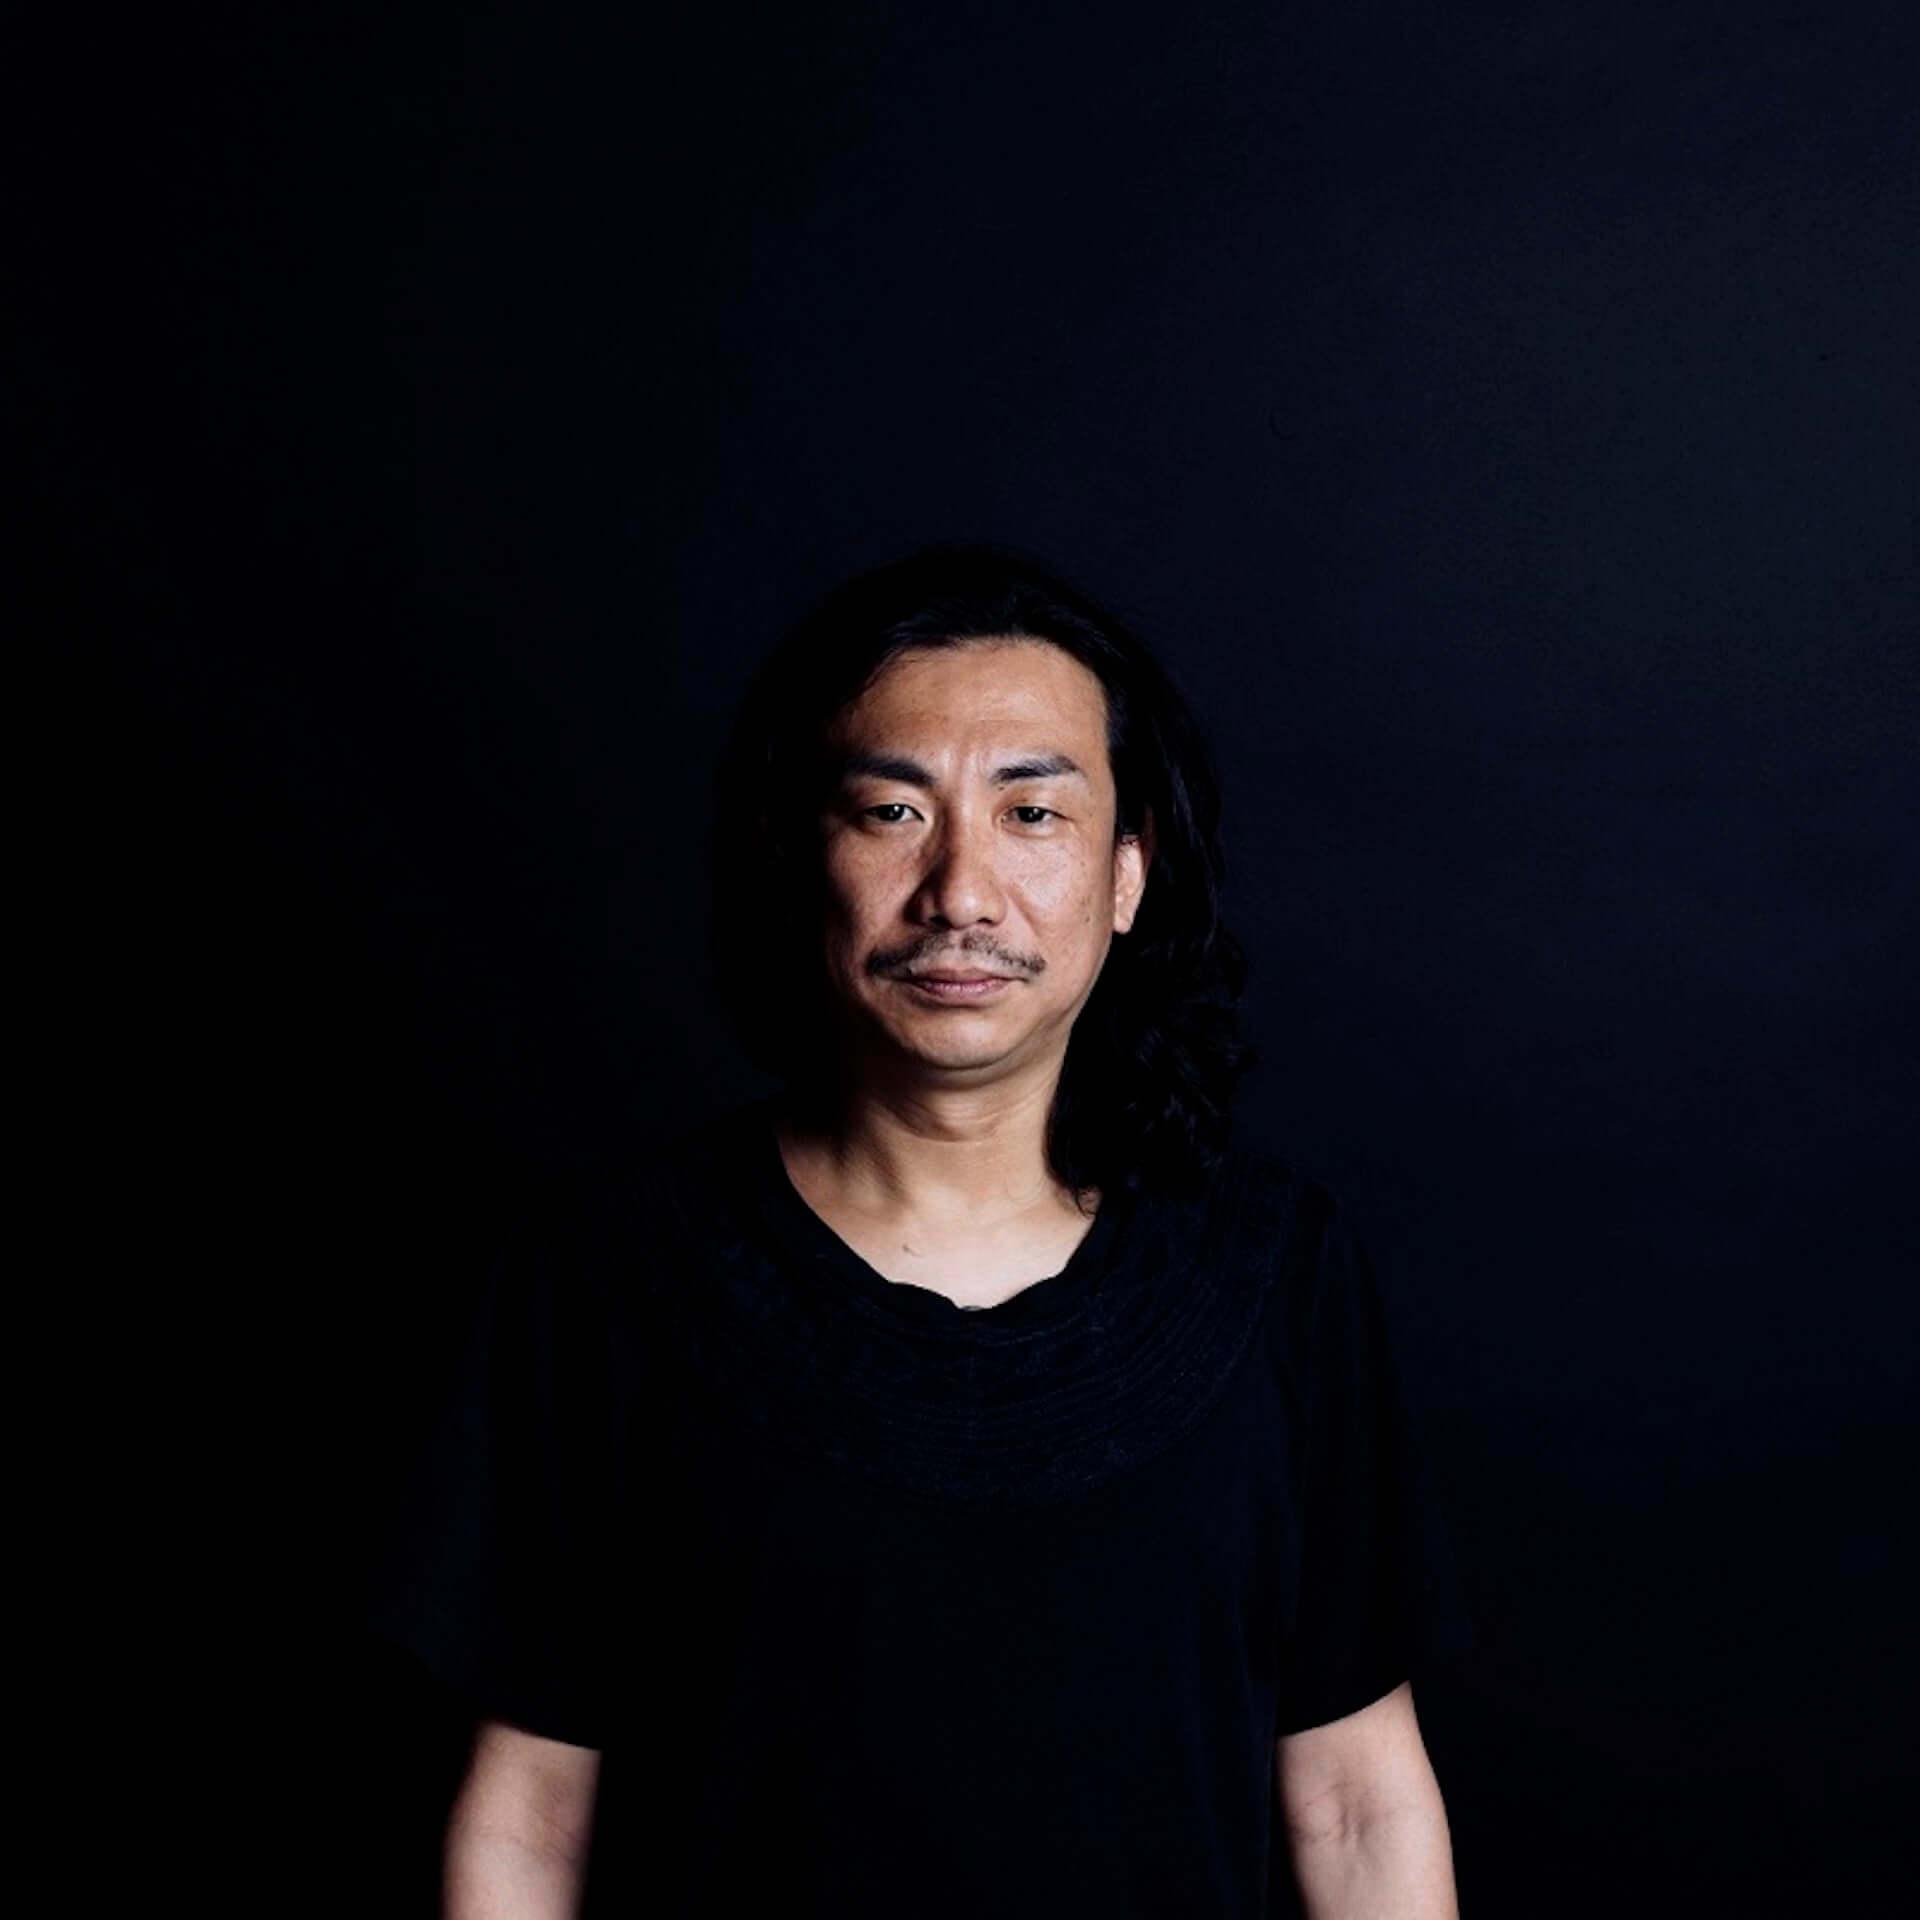 DJ Nobu、Takaaki Itoh、Mars89、Romy Matsらが集結!渋谷Contactの5周年プレパーティー<opertura>が今週末開催 music210330_opertura_2-1920x1920